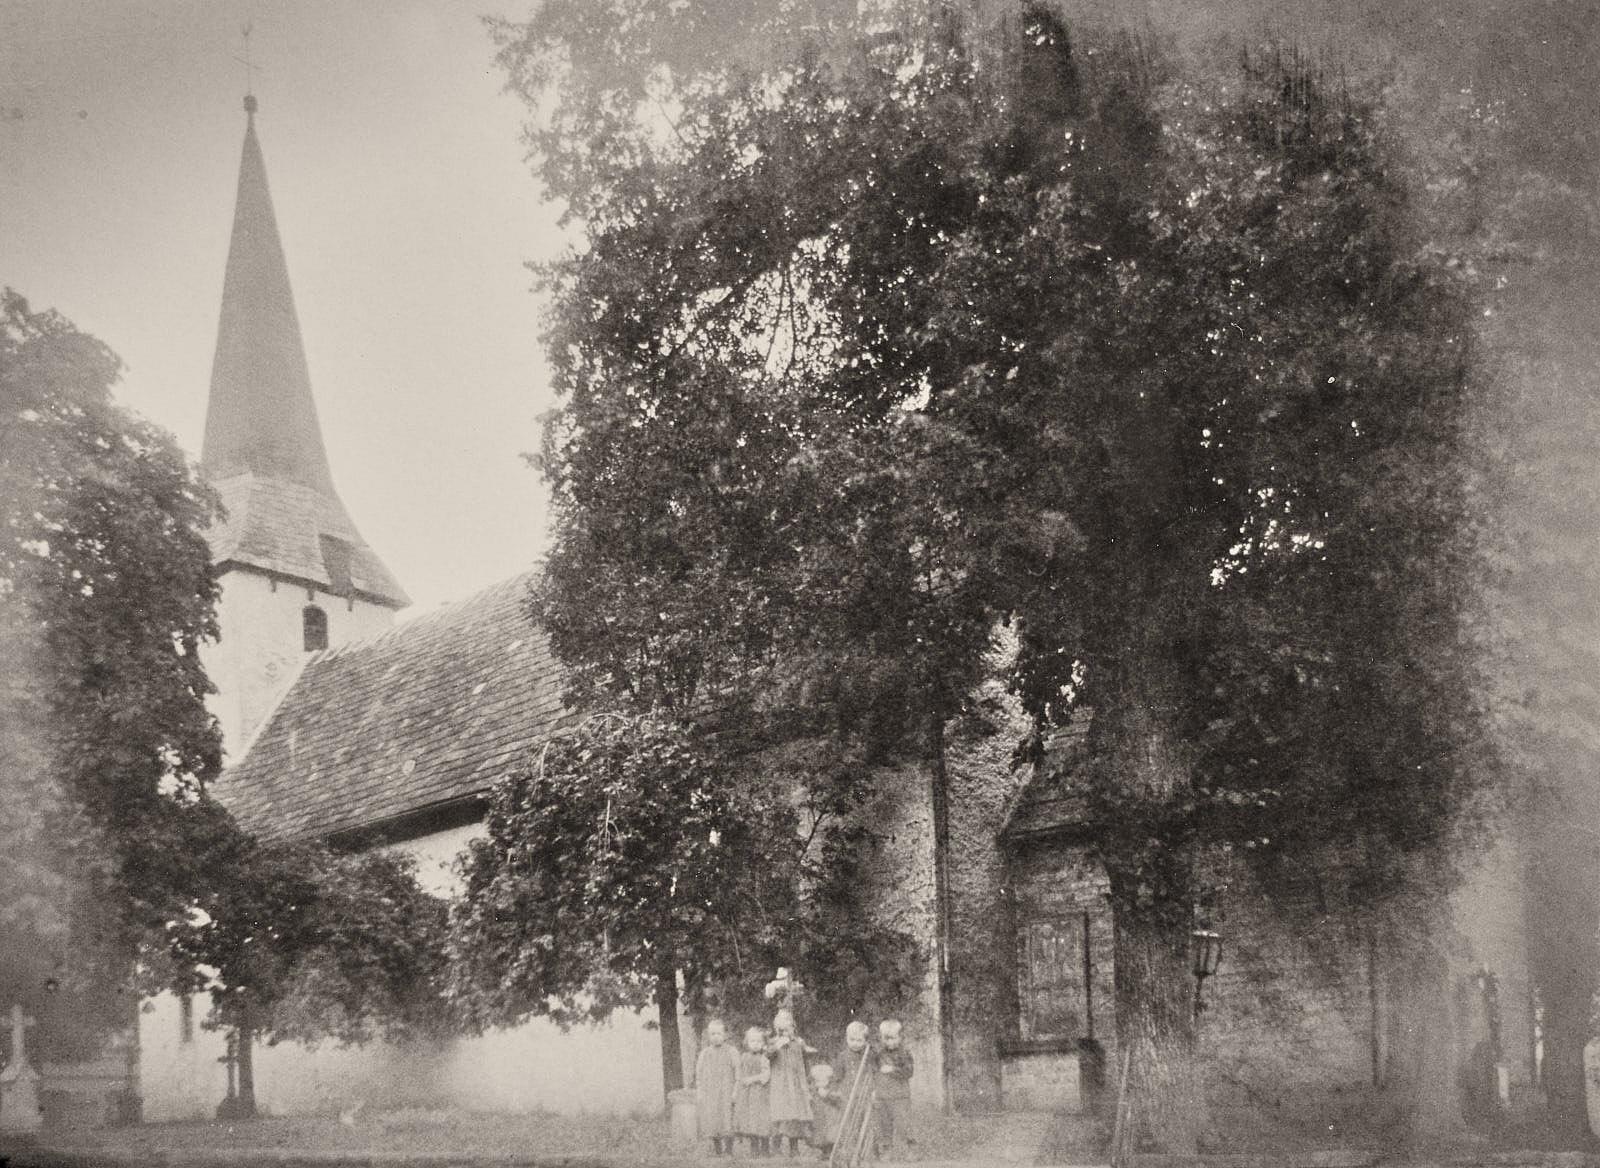 Meintehof/Corveyer Domäne mit Zehntscheune